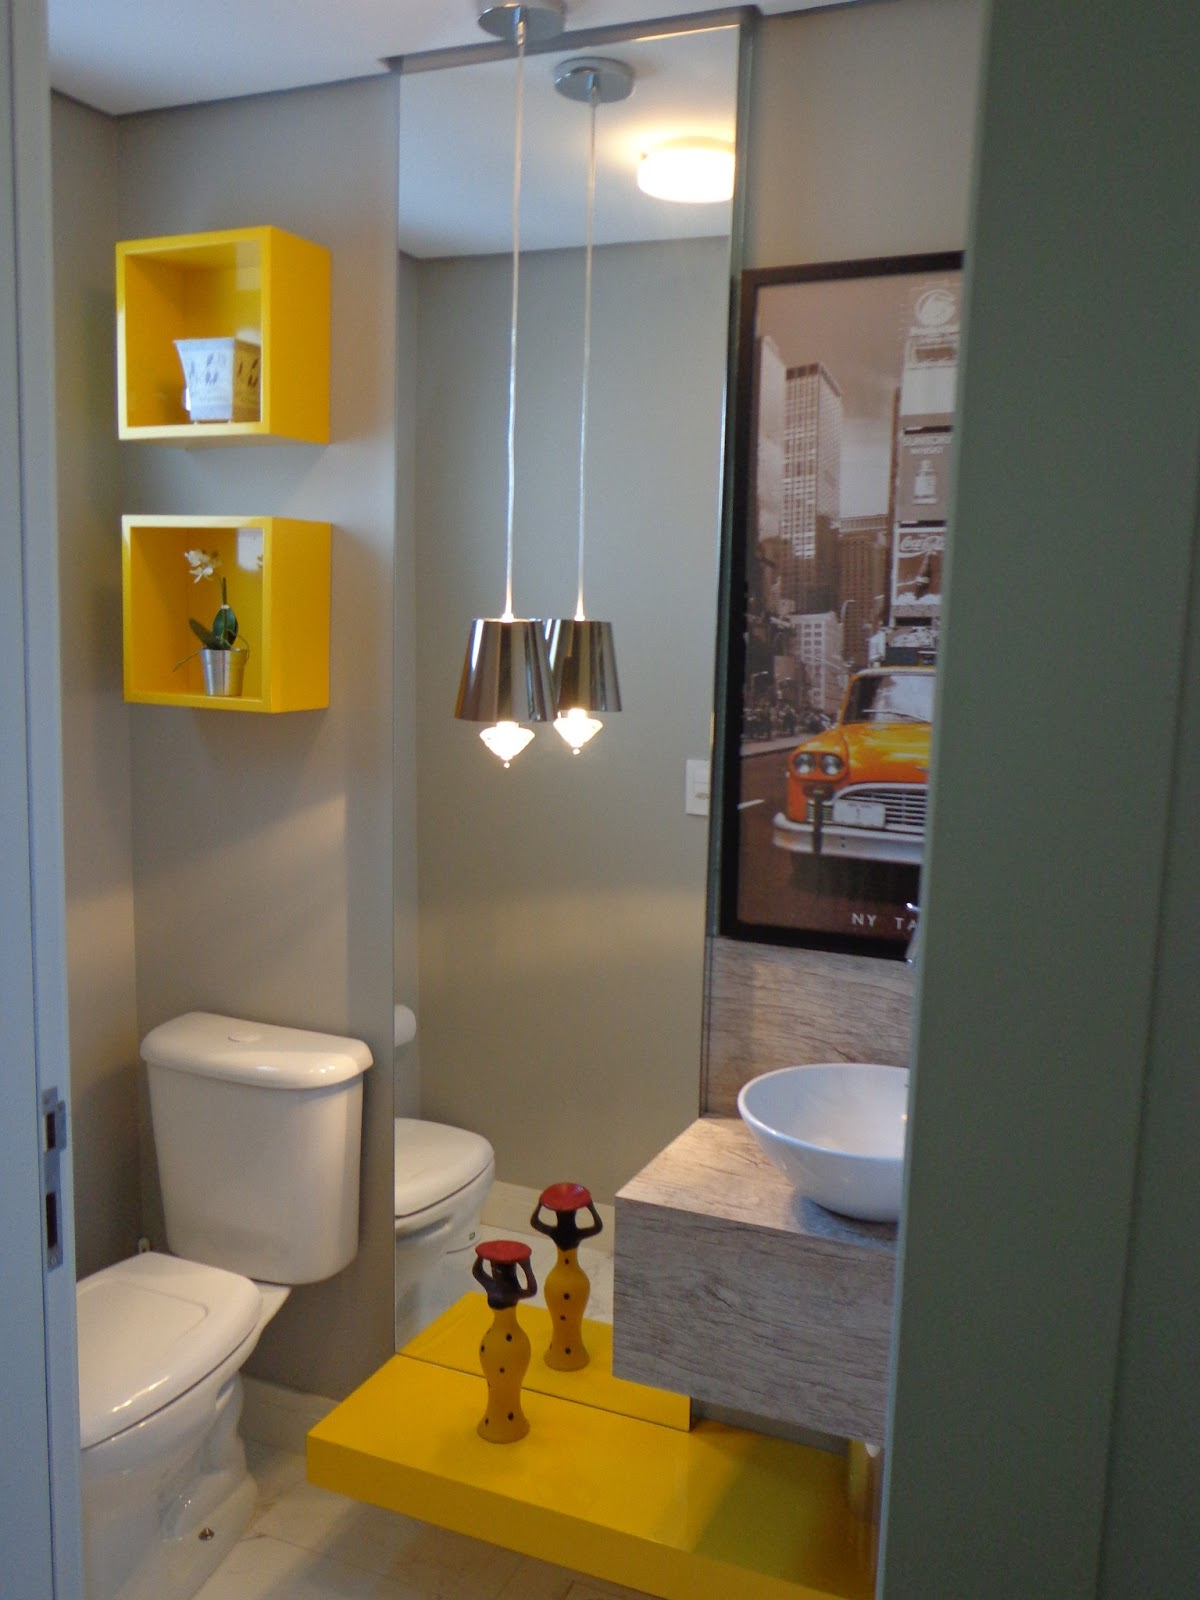 Noivos em Apuros: Sweet Home: Amarelo seu lindo #3 Banheiro #BA8604 1200x1600 Amarelo No Banheiro